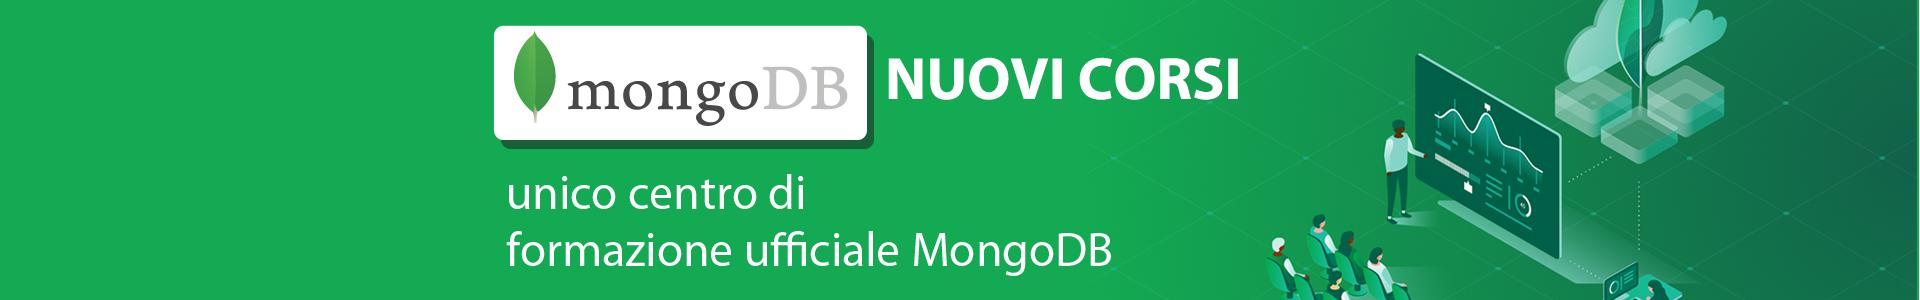 Aperiam - Corsi Ufficiali MongoDB